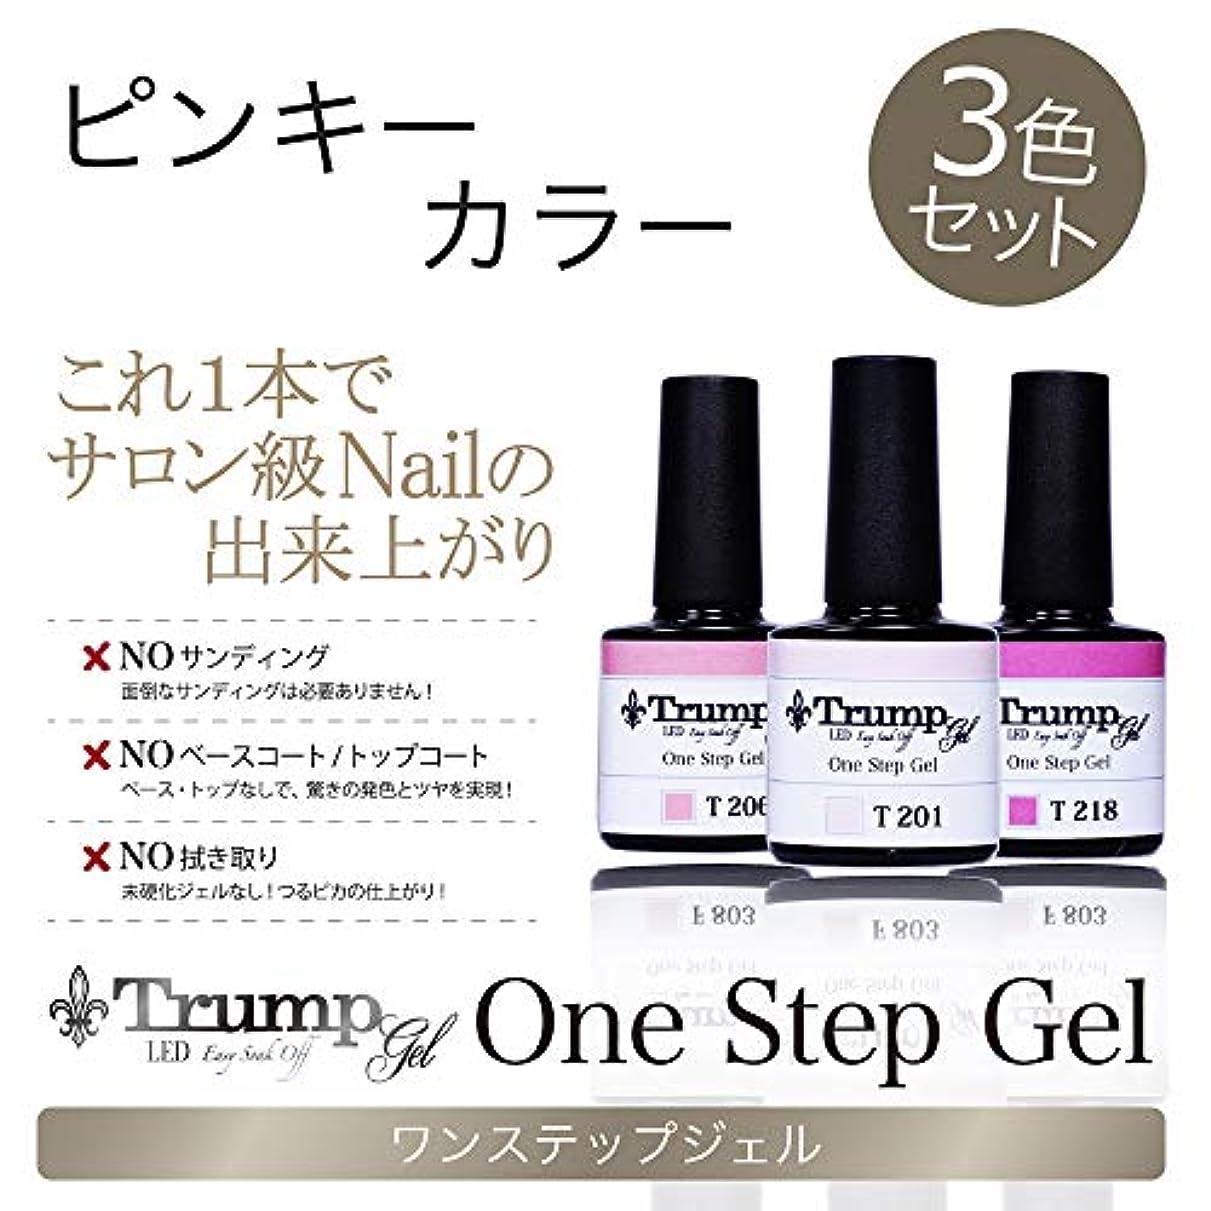 明らかにシュートスキャンダル【日本製】Trump gel トランプジェル ワンステップジェル ジェルネイル カラージェル 3点 セット ペール アビス ピンキー (ピンキーカラーセット)